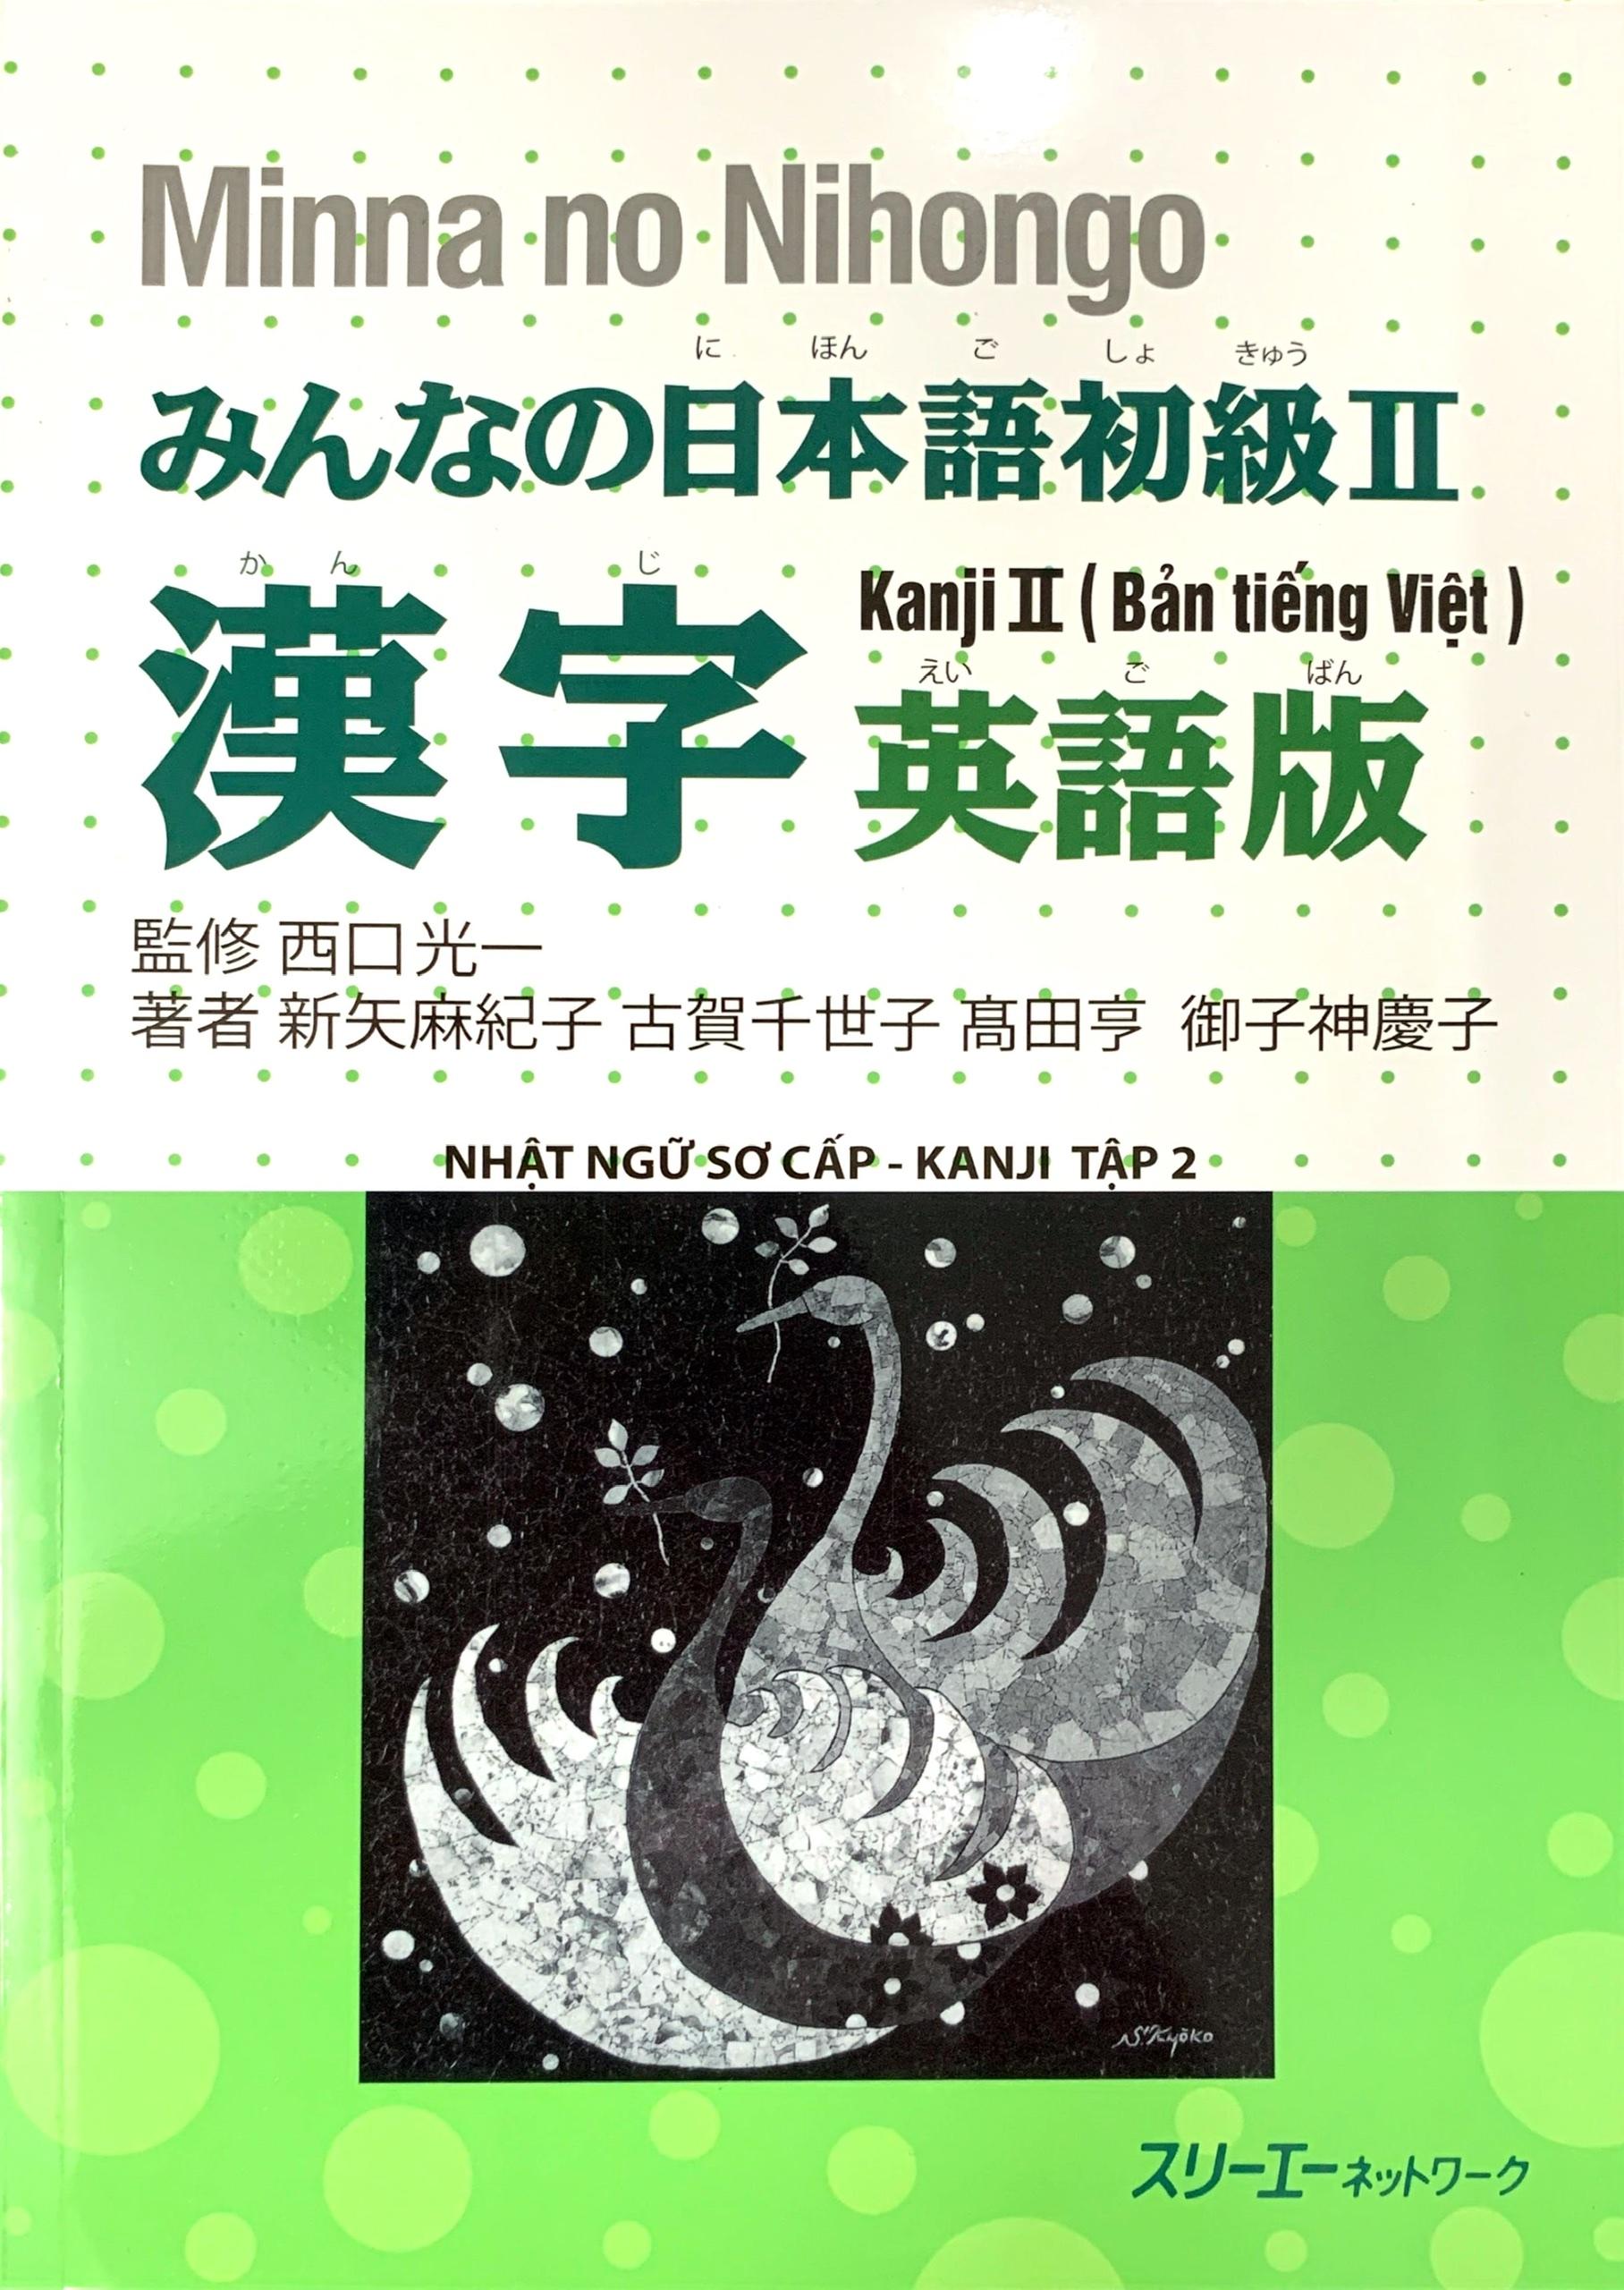 Lifestyle designMinna no Nihongo Sơ Cấp 2 Bản Cũ – Kanji (Hán Tự Bài Học – Có Tiếng Việt)